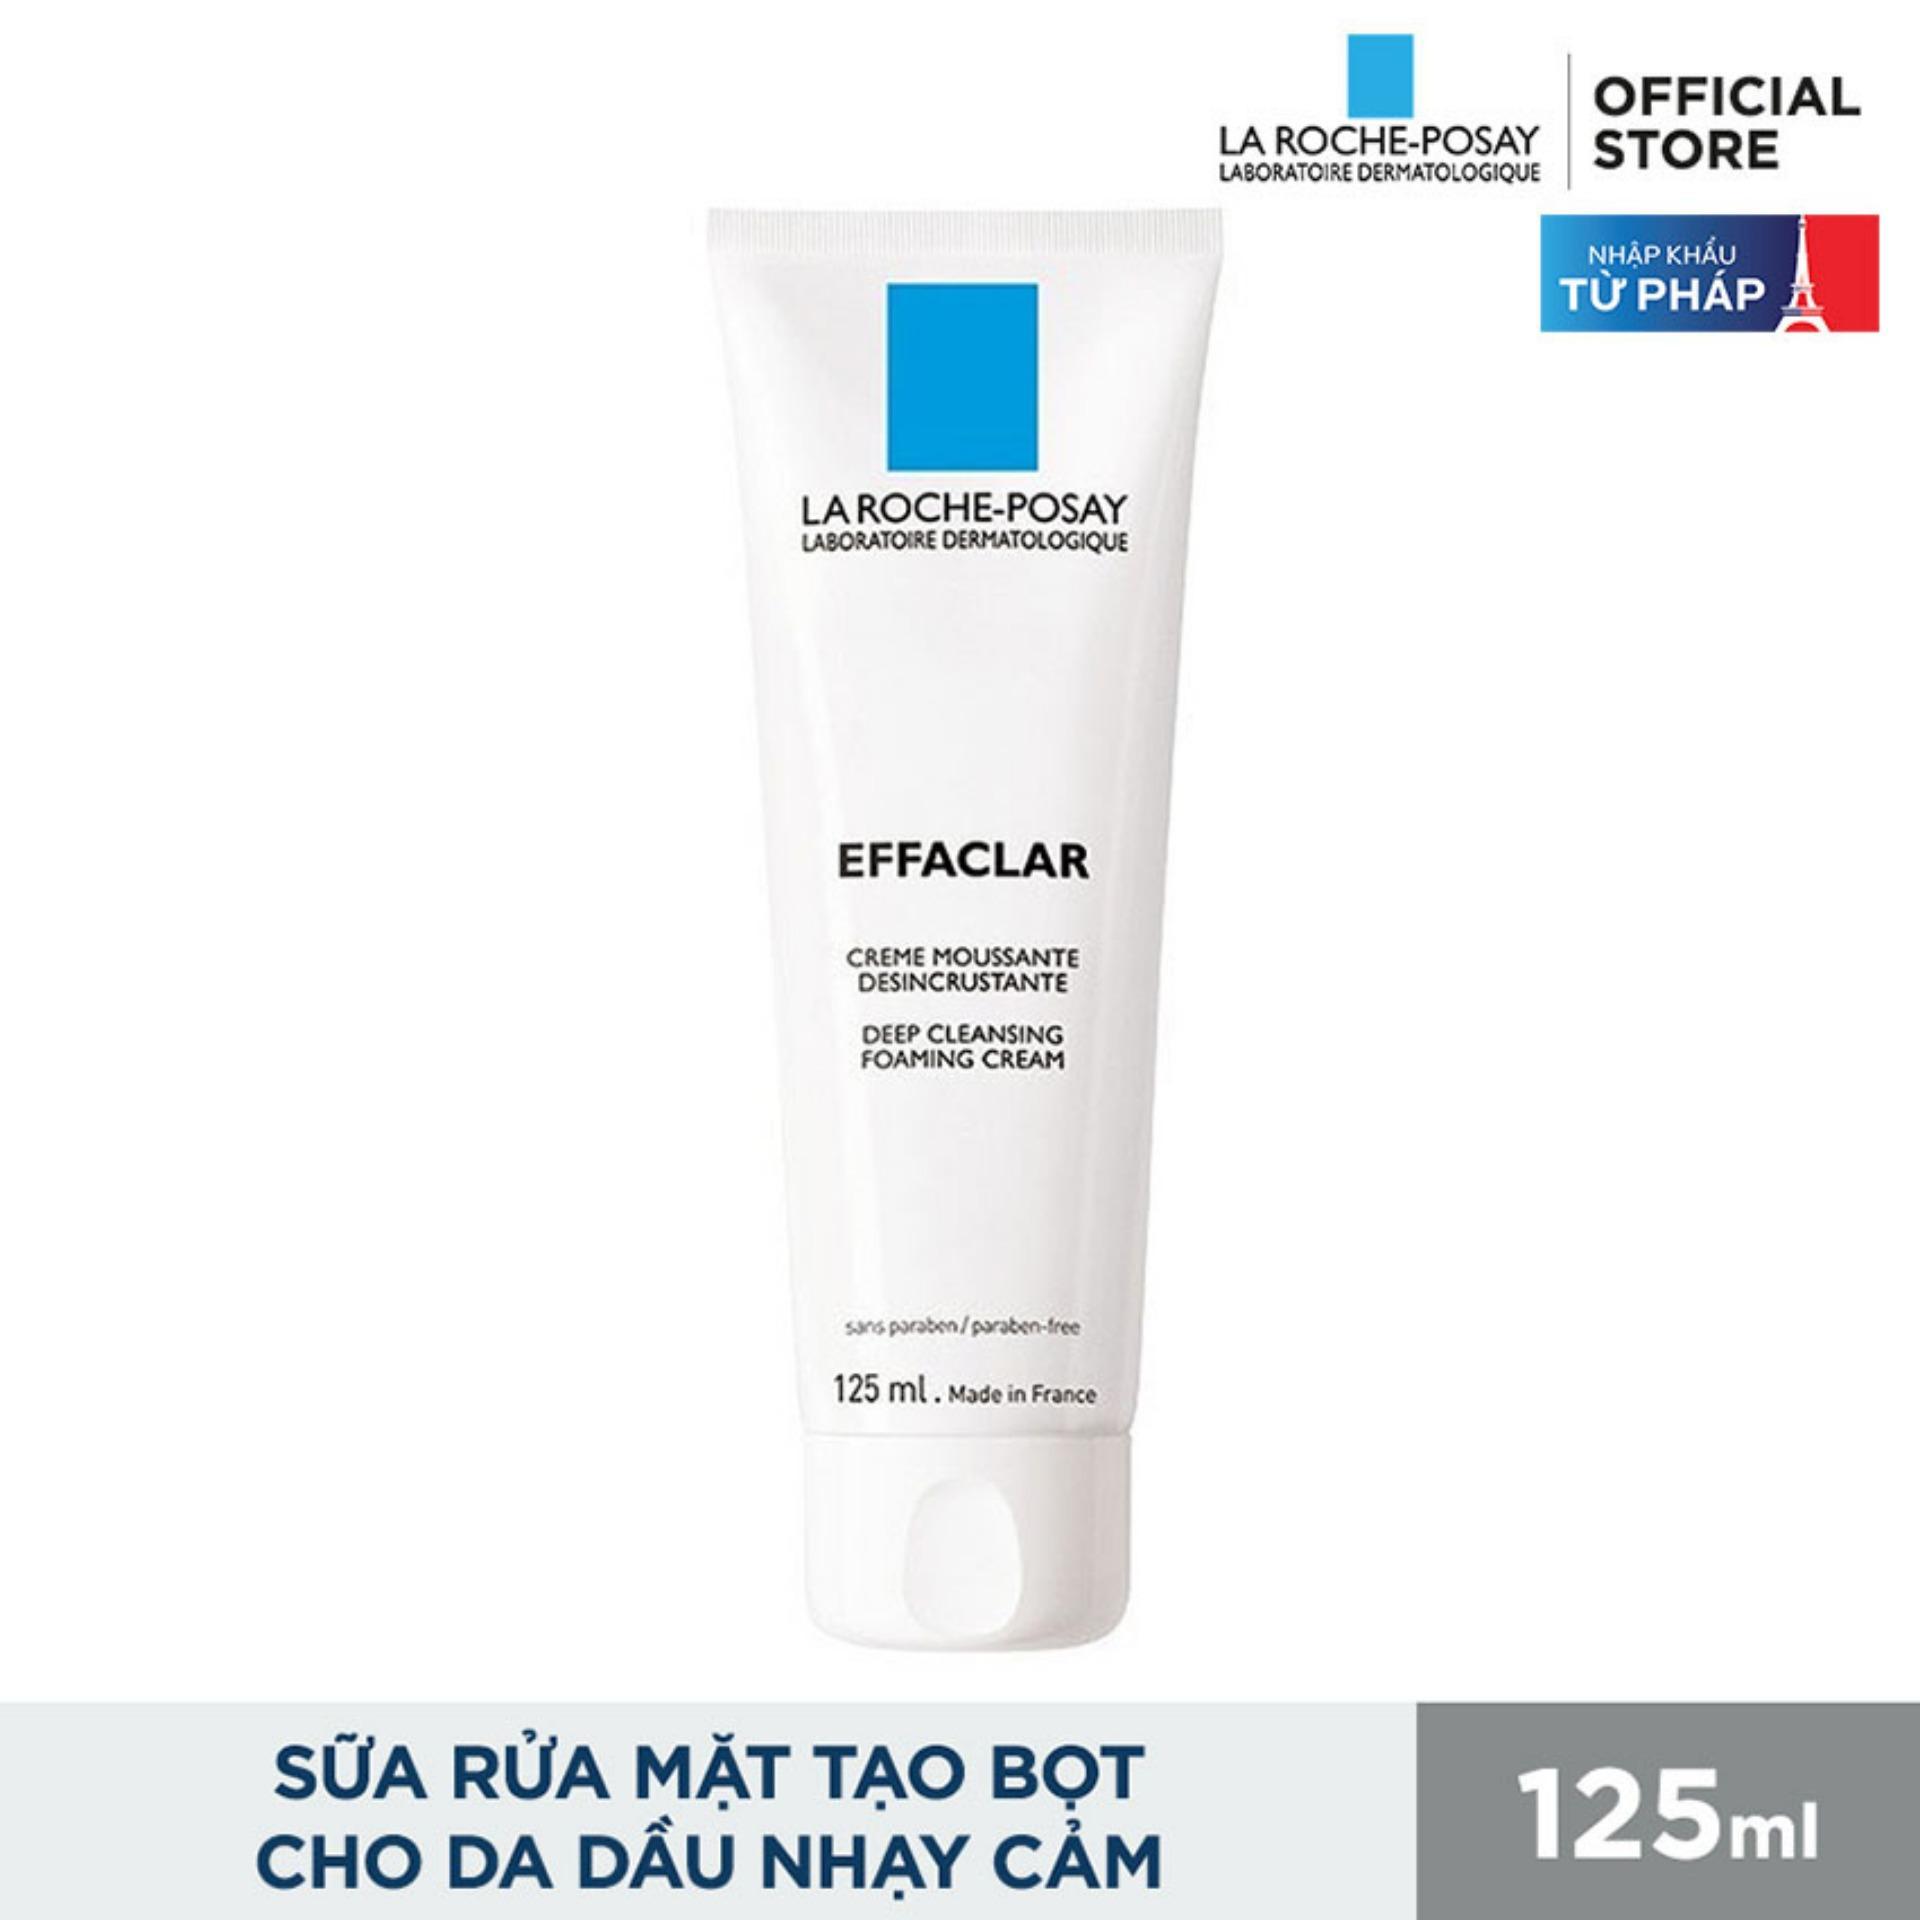 Sữa rửa mặt tạo bọt làm sạch giúp làm sạch sâu và se khít lỗ chân lông không gây khô da La Roche-Posay Effaclar 125ML chính hãng